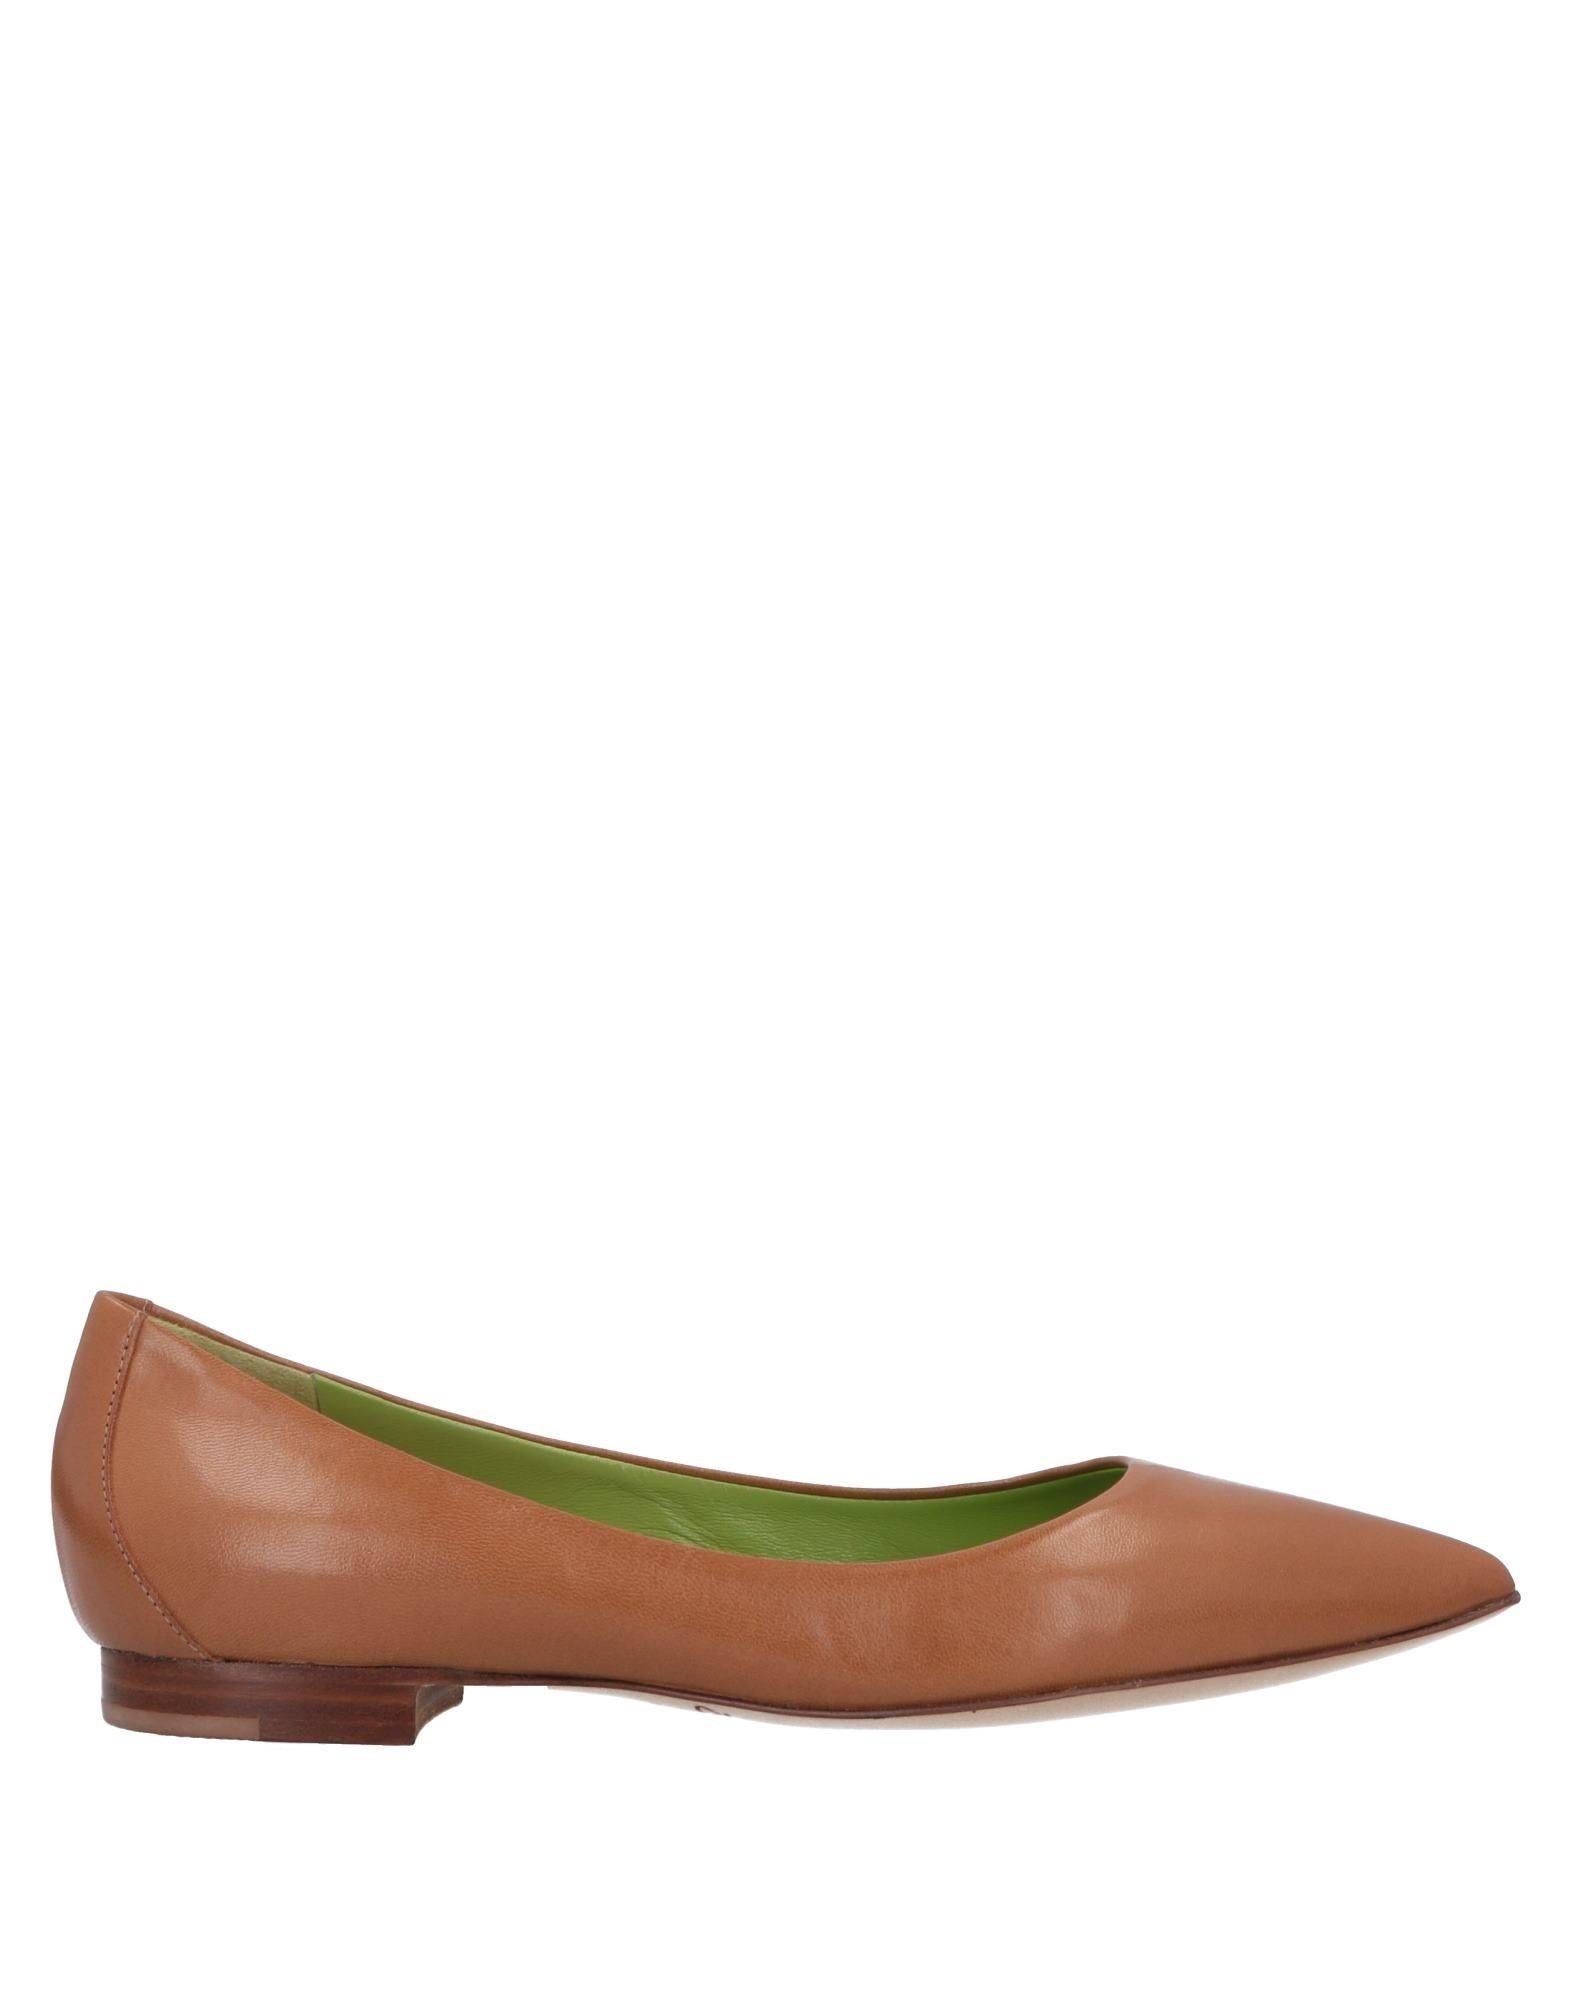 F.LLI BRUGLIA | F.LLI BRUGLIA Ballet Flats 11107175 | Goxip